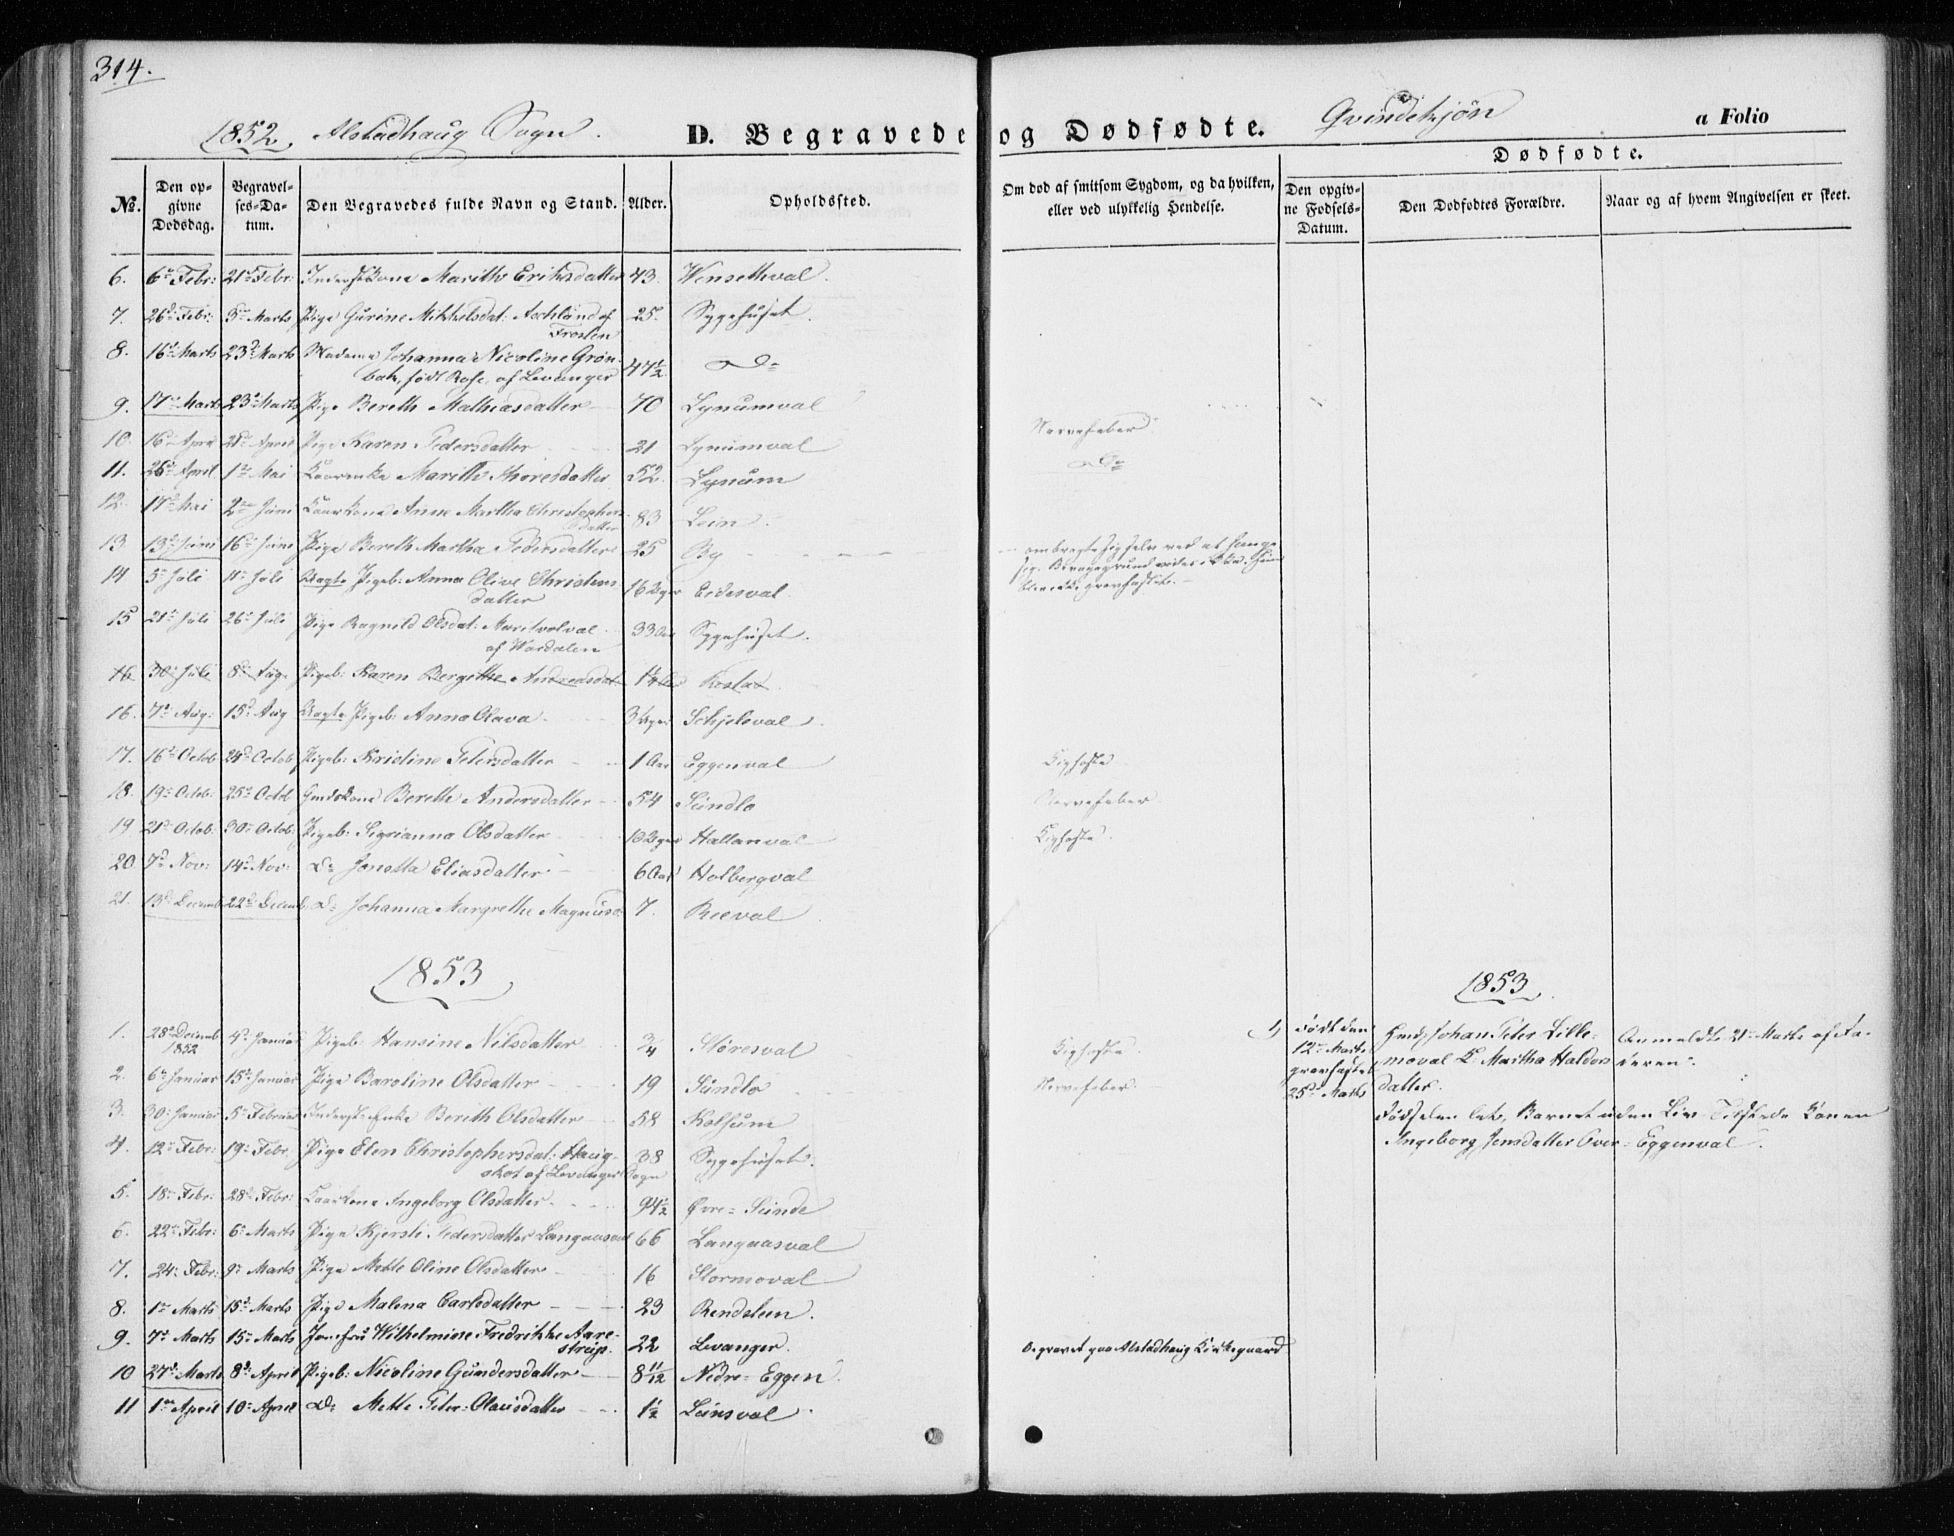 SAT, Ministerialprotokoller, klokkerbøker og fødselsregistre - Nord-Trøndelag, 717/L0154: Ministerialbok nr. 717A07 /1, 1850-1862, s. 314